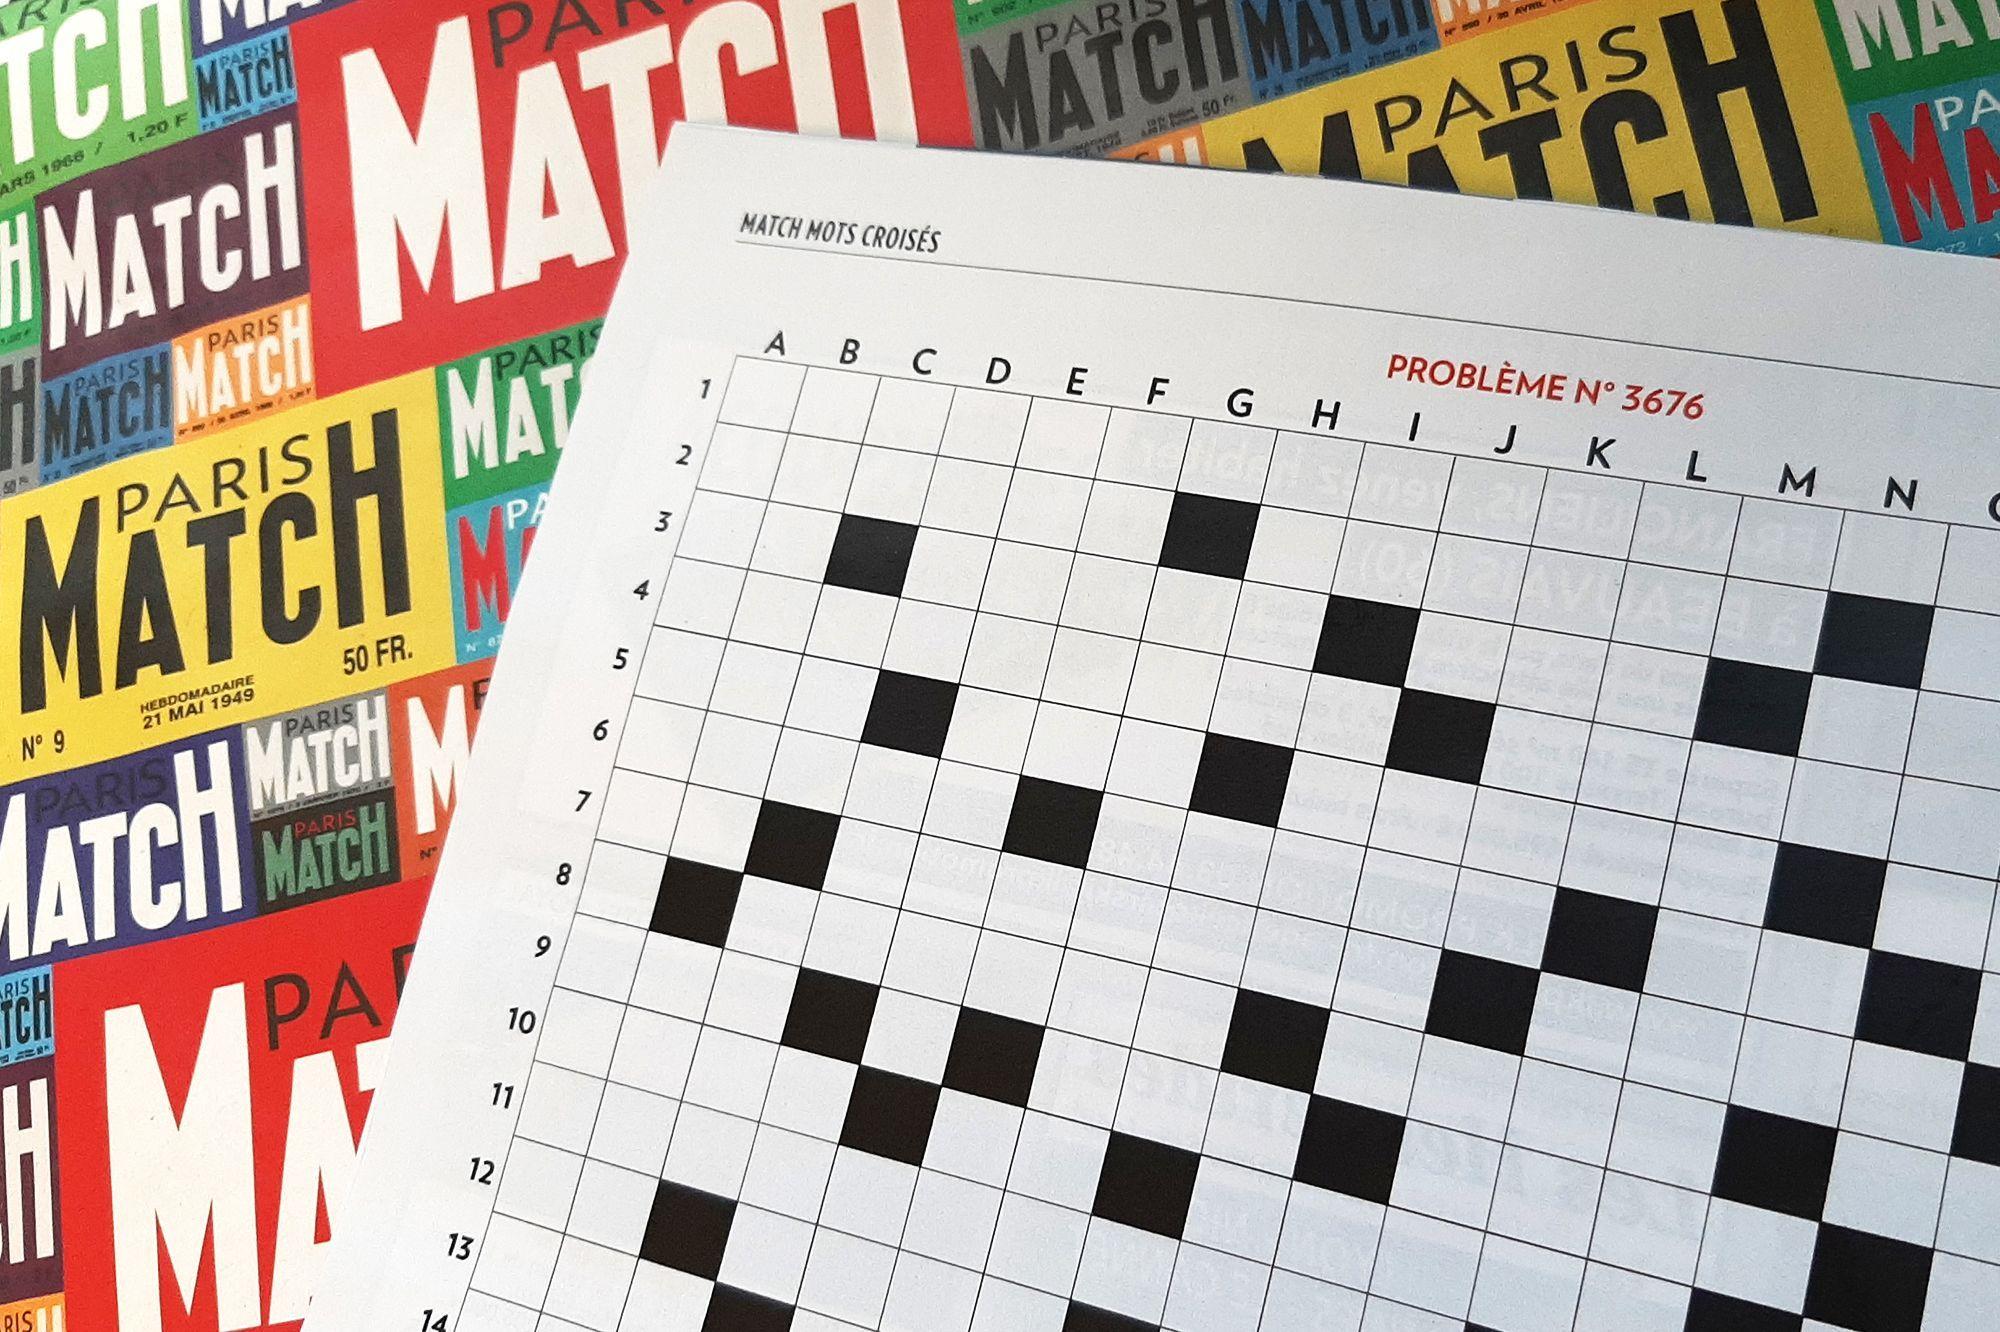 La Solution Des Mots-Croisés De Paris Match N°3676 avec Mots Fleche